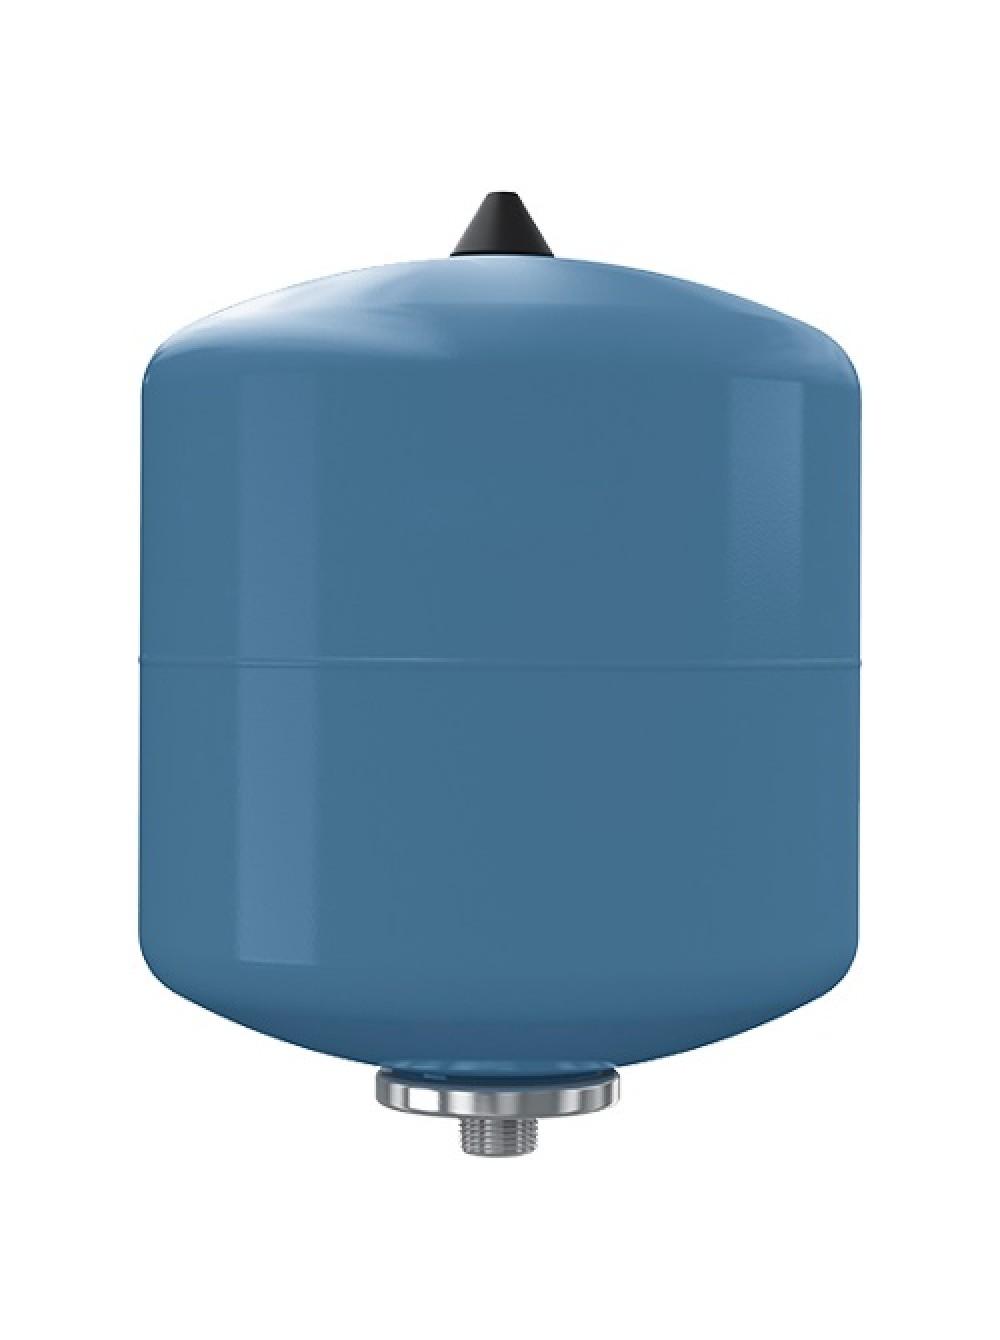 Гидроаккумулятор вертикальный DE 25 Reflex